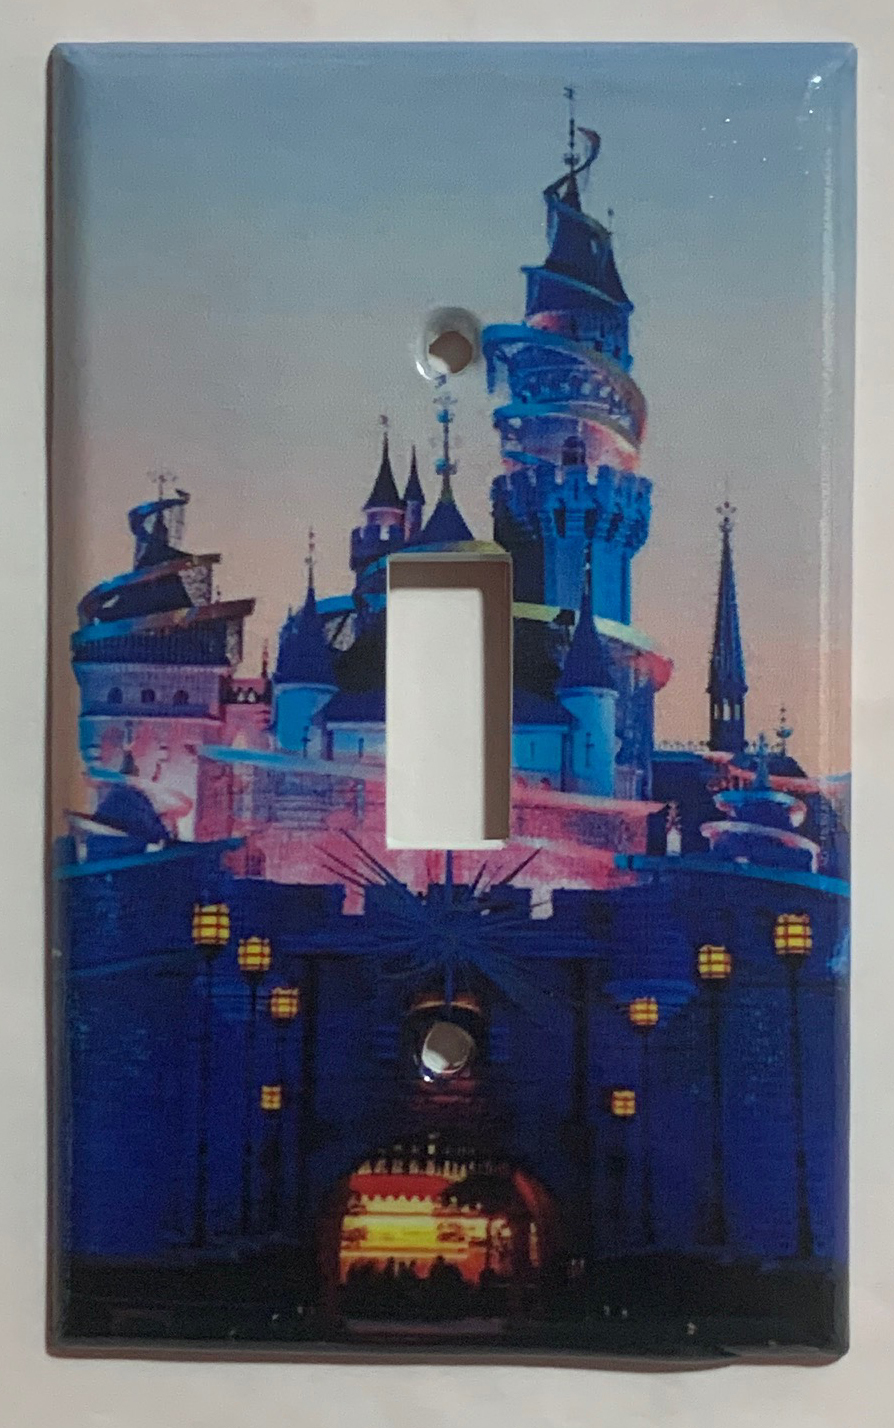 Hk disney castle single toggle